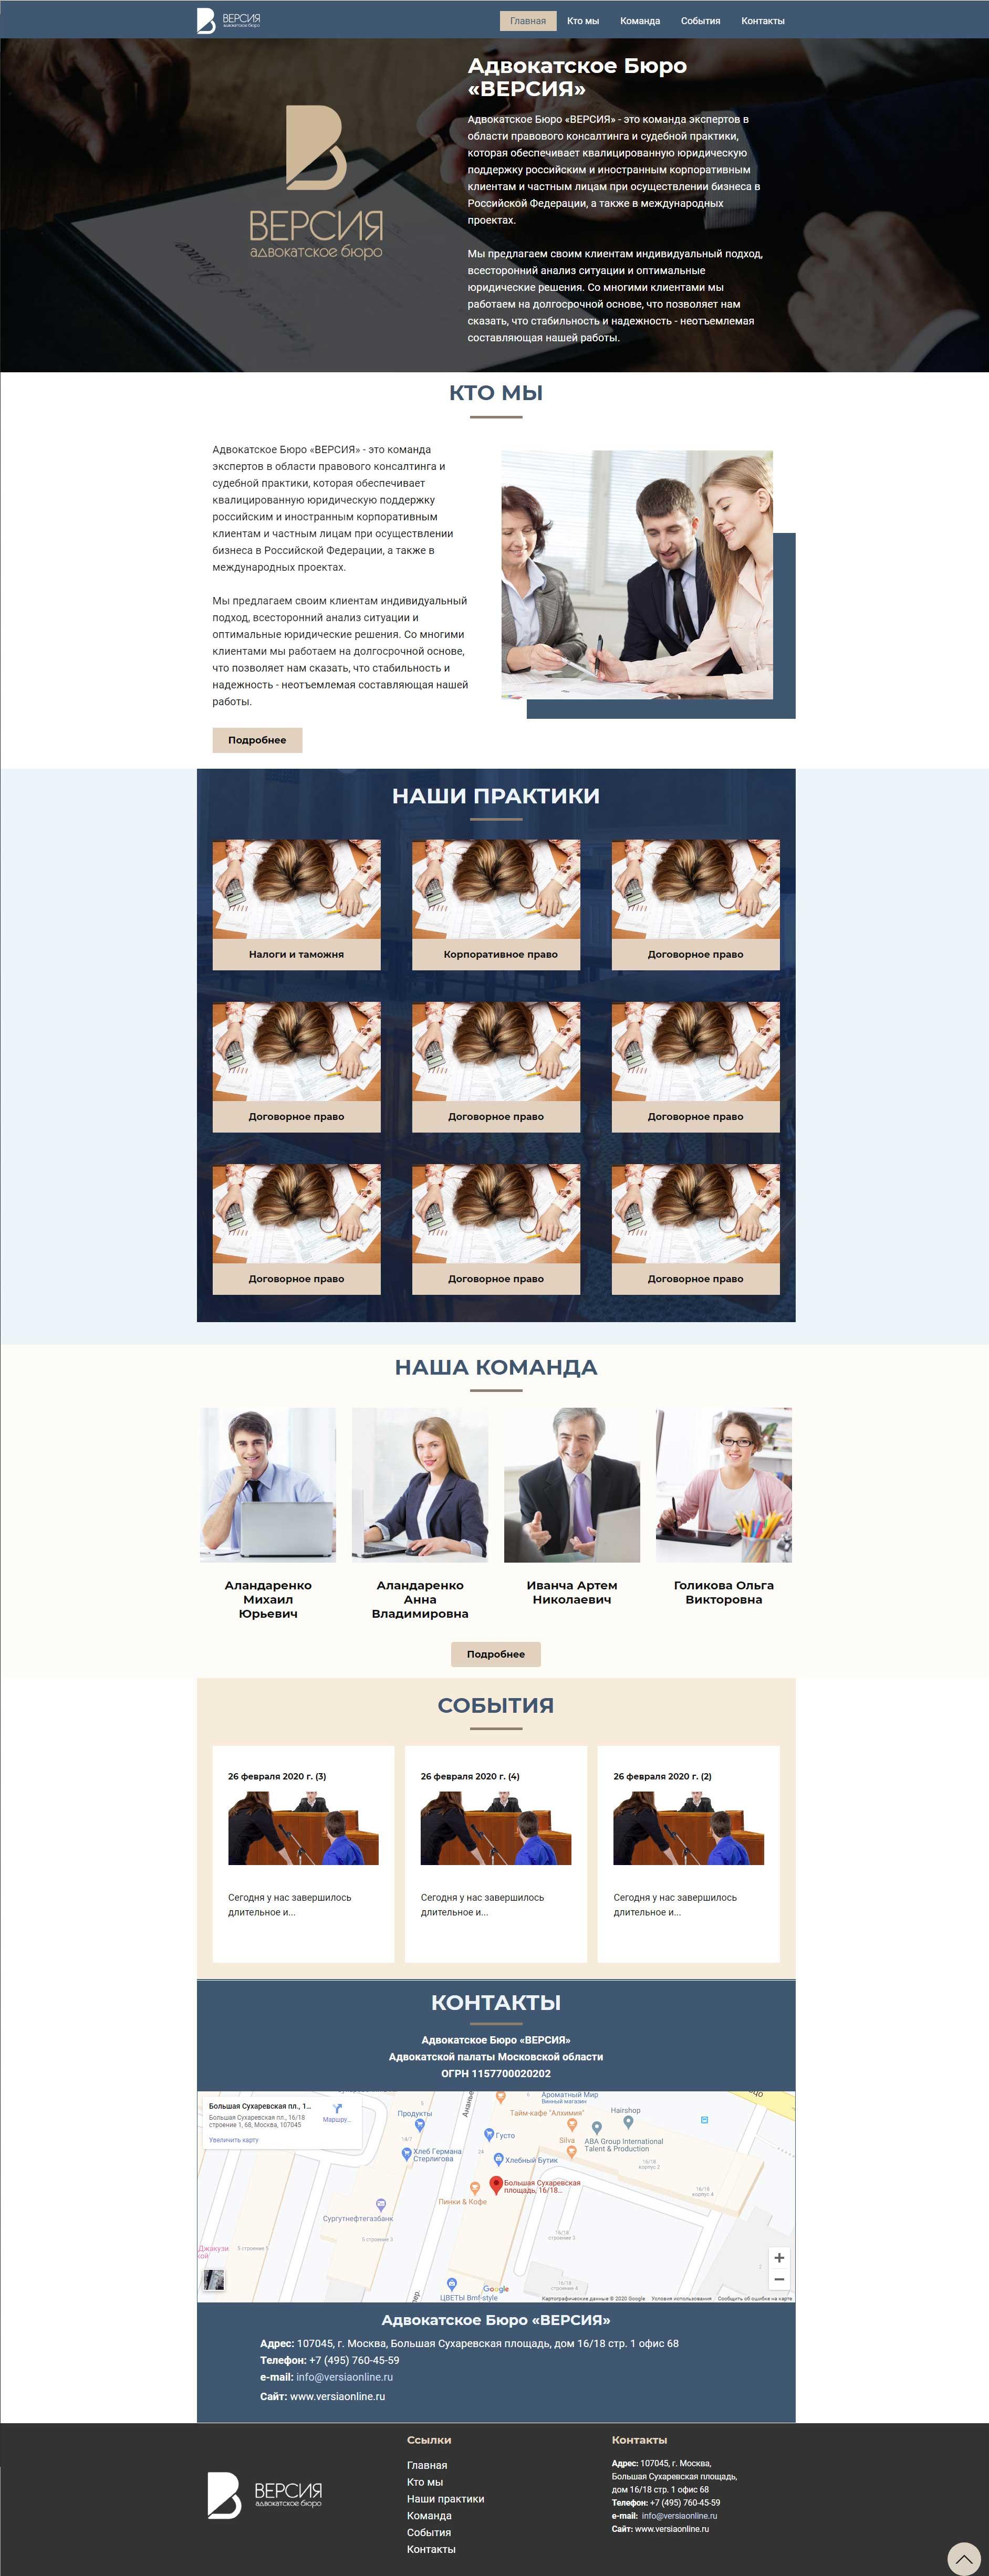 Конкурс на разработку дизайна и конструкцию сайта адвокатского бюро фото f_0235f1886d5dcf00.jpg